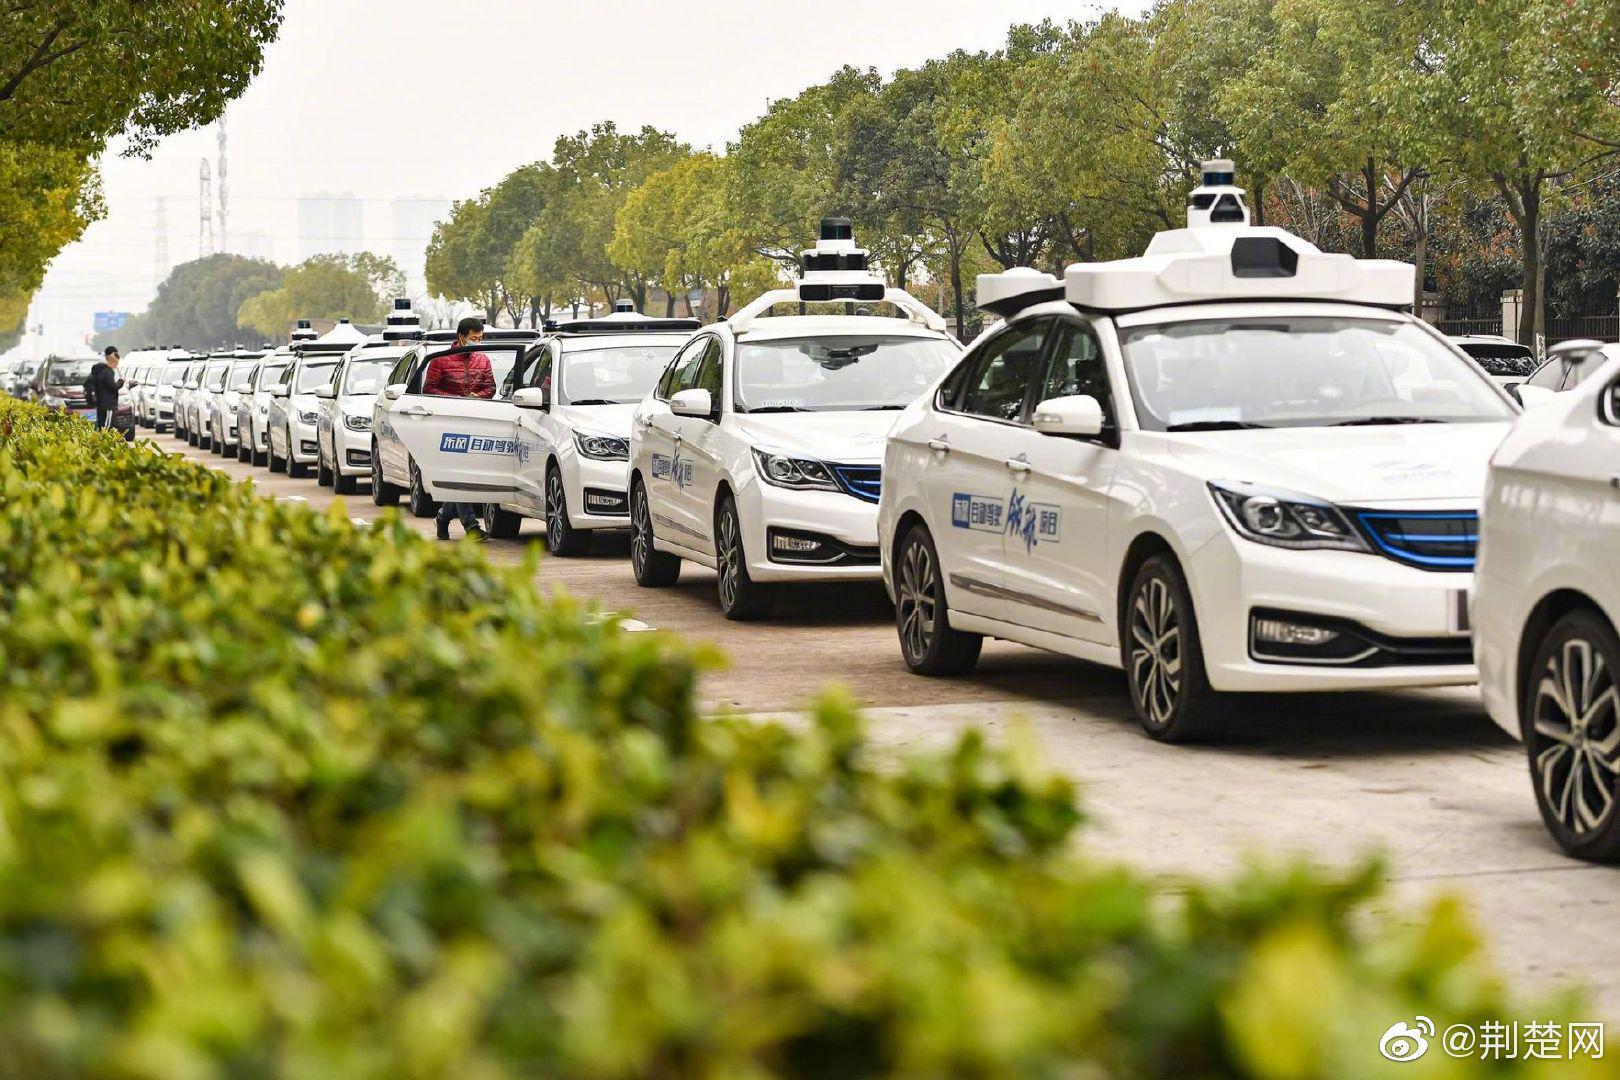 武汉首批自动驾驶出租车上路 市民即日起可免费试乘